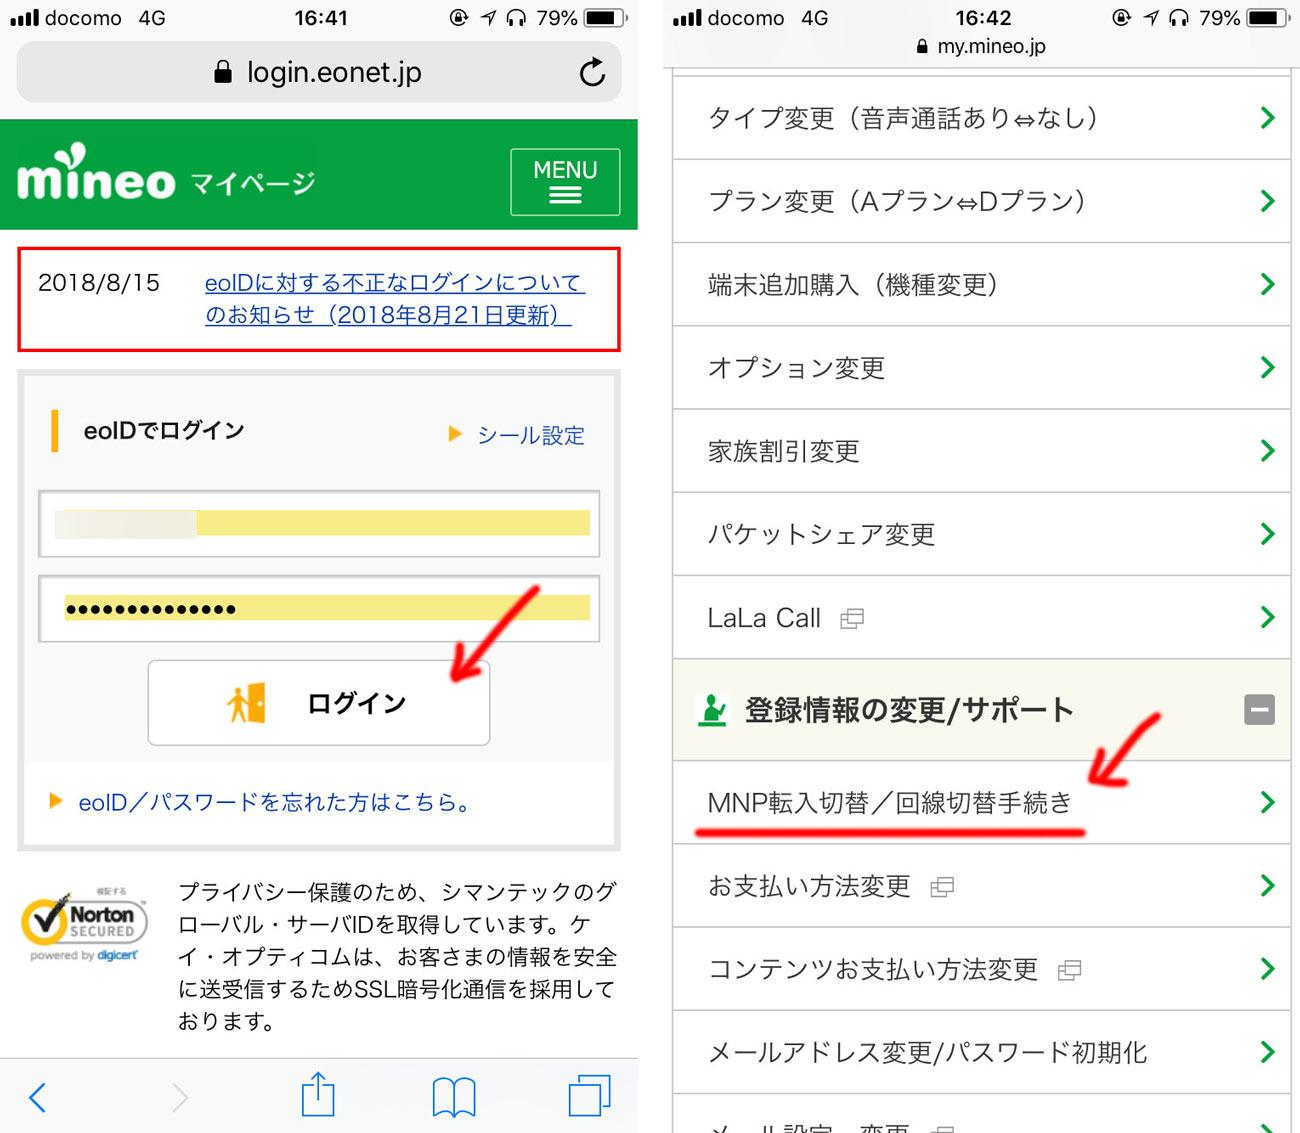 mineo(マイネオ)マイページ